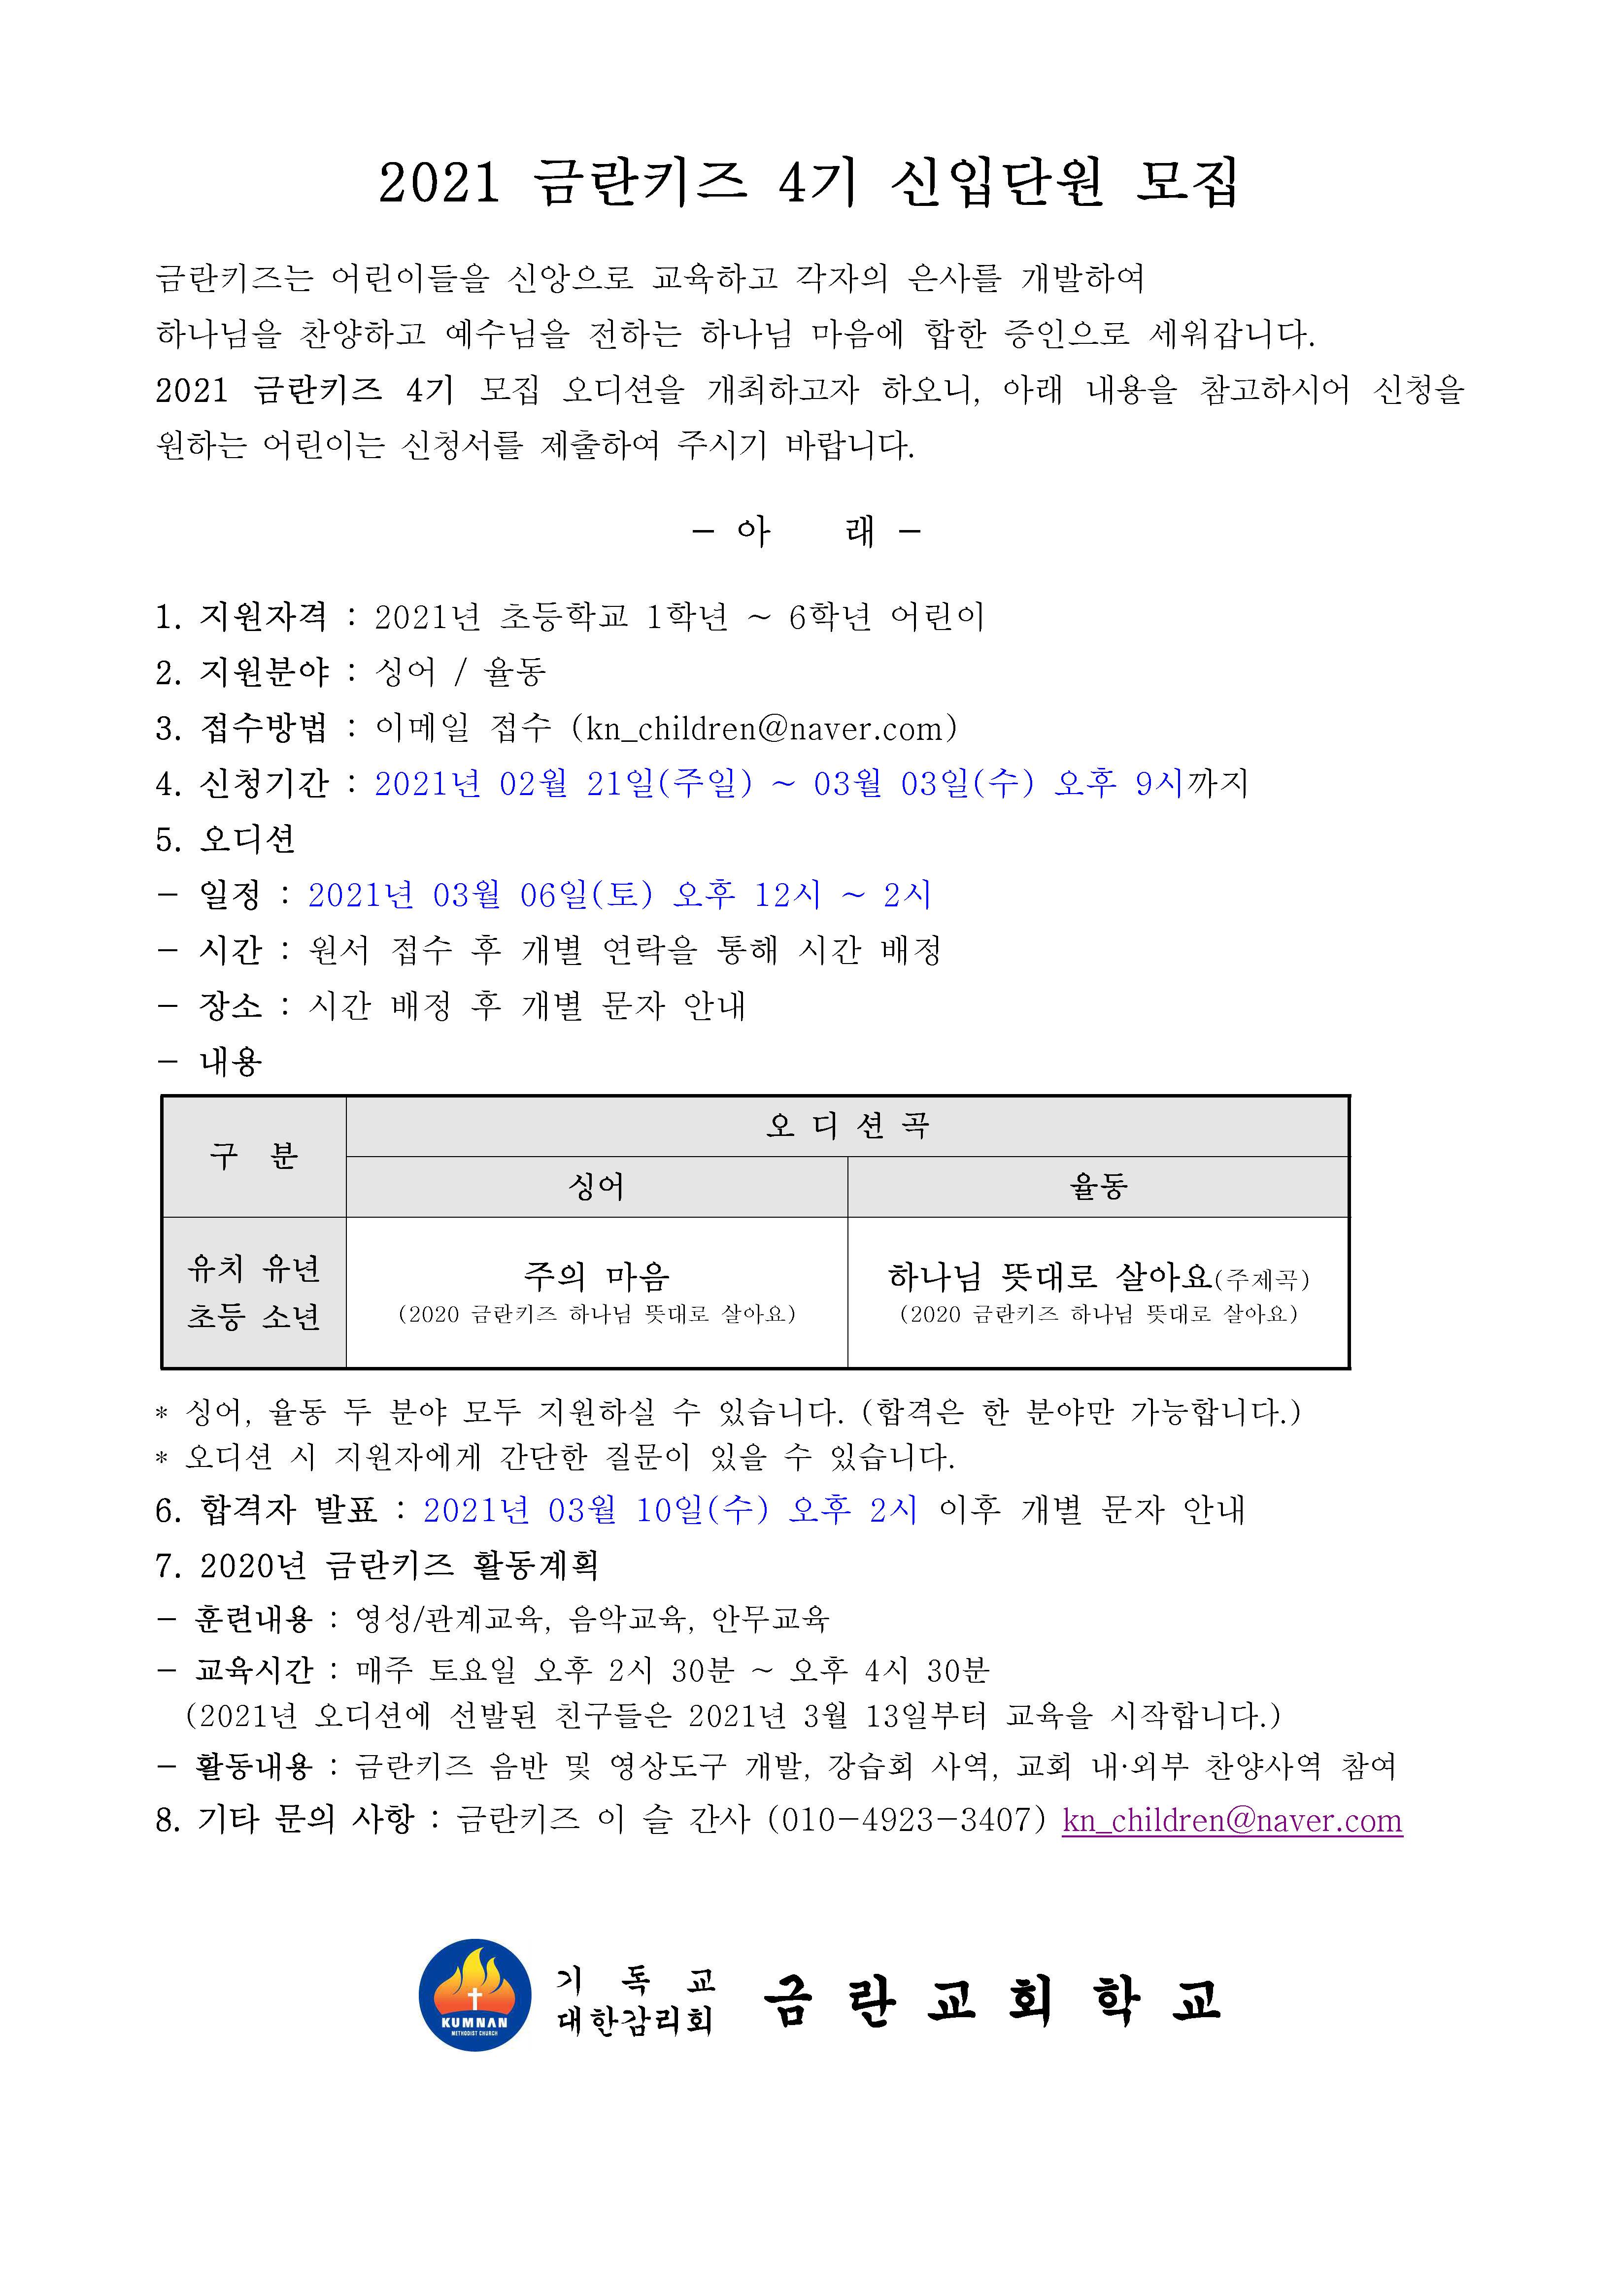 2021 금란키즈 4기 신입단원 모집 안내_페이지_1.jpg